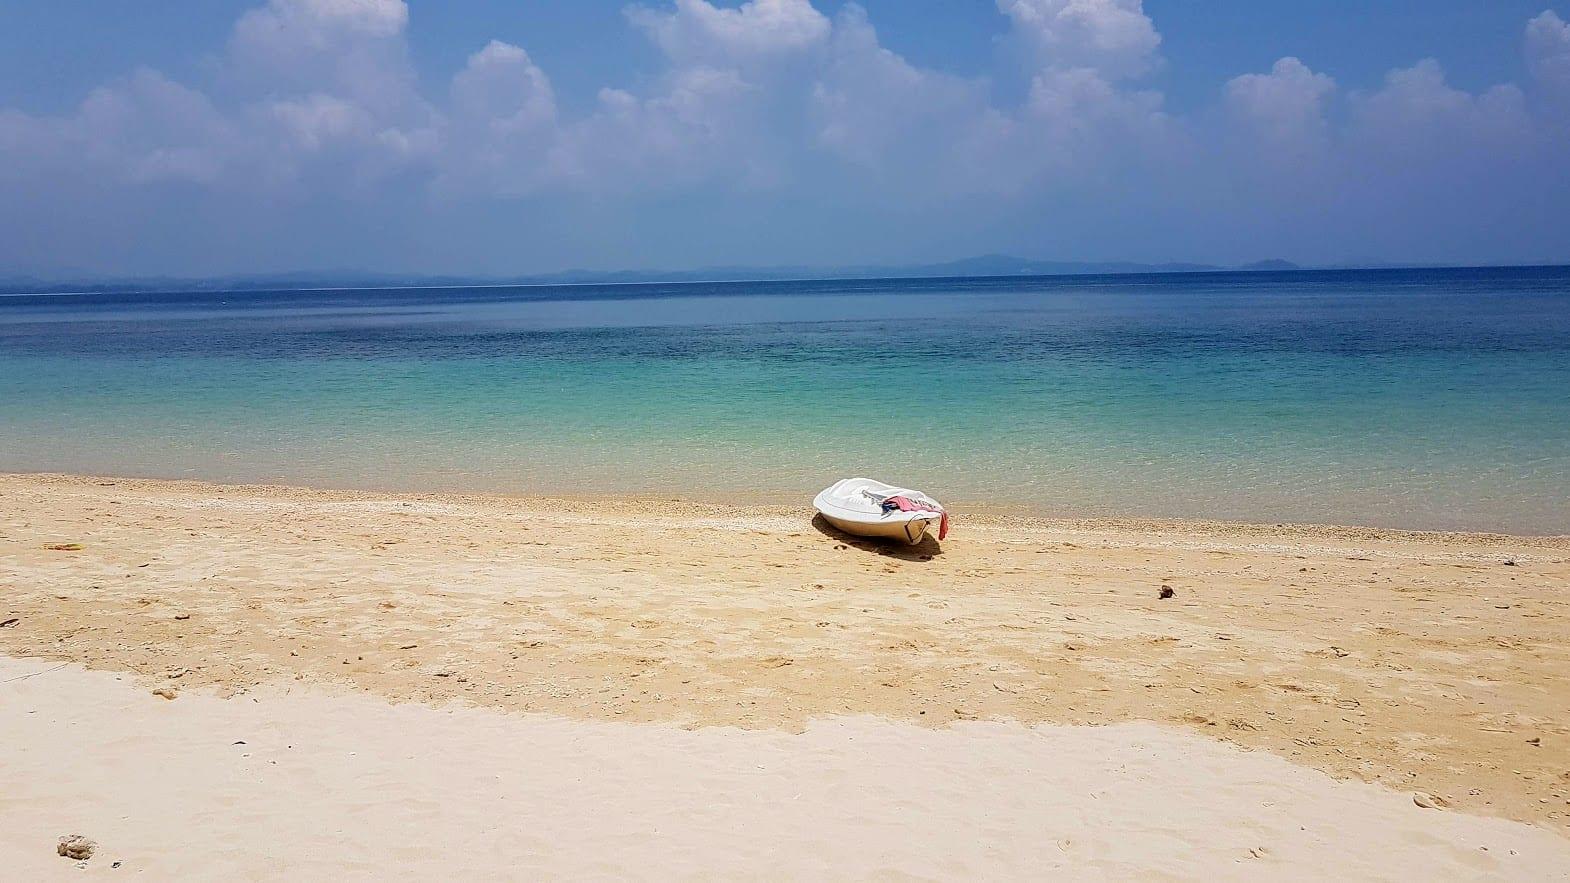 Kayaking in Pulau Kapas